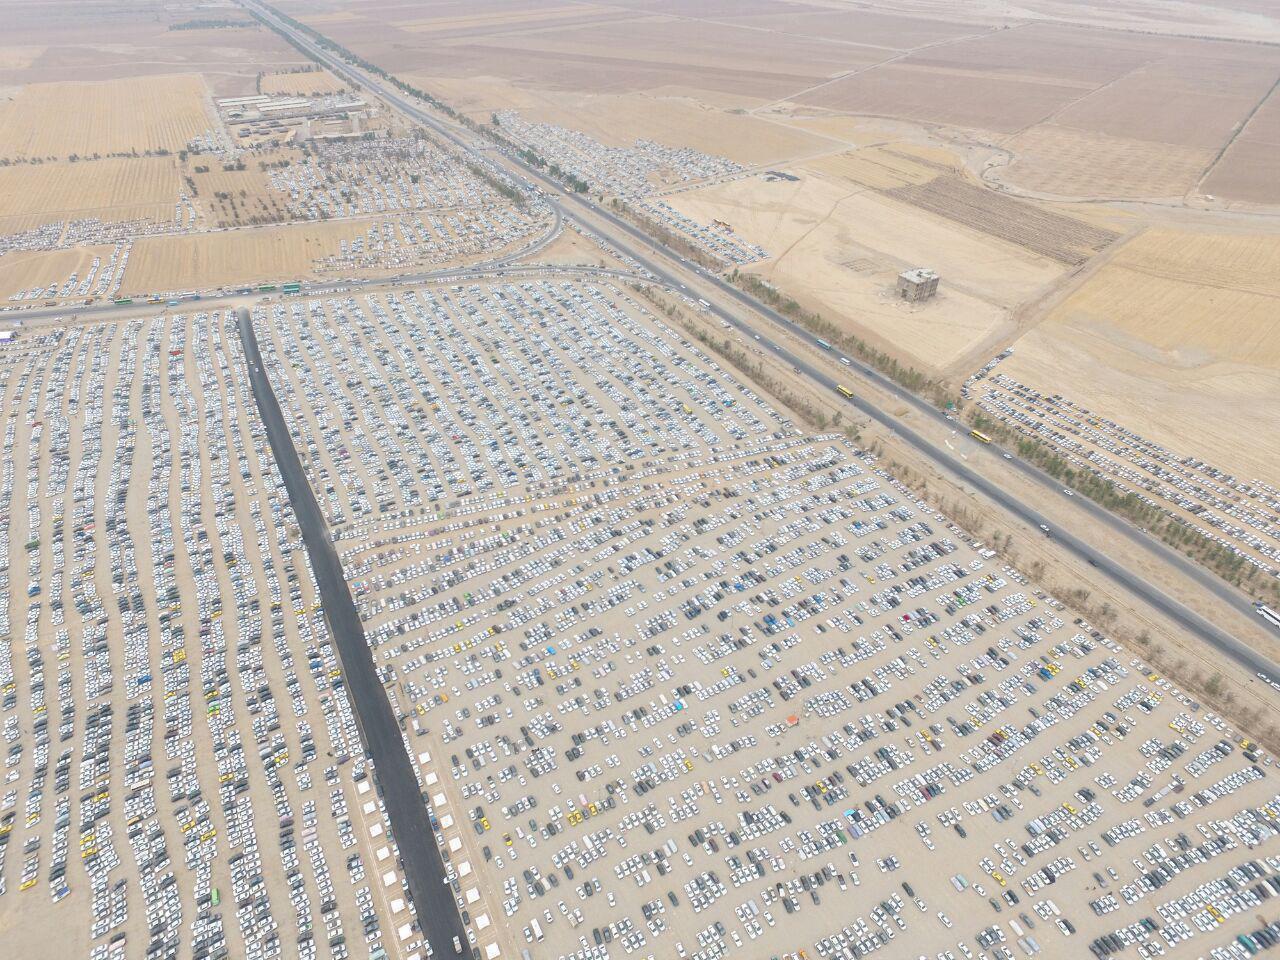 نمایی هوایی از پارکینگ بزرگ اربعین در مهران